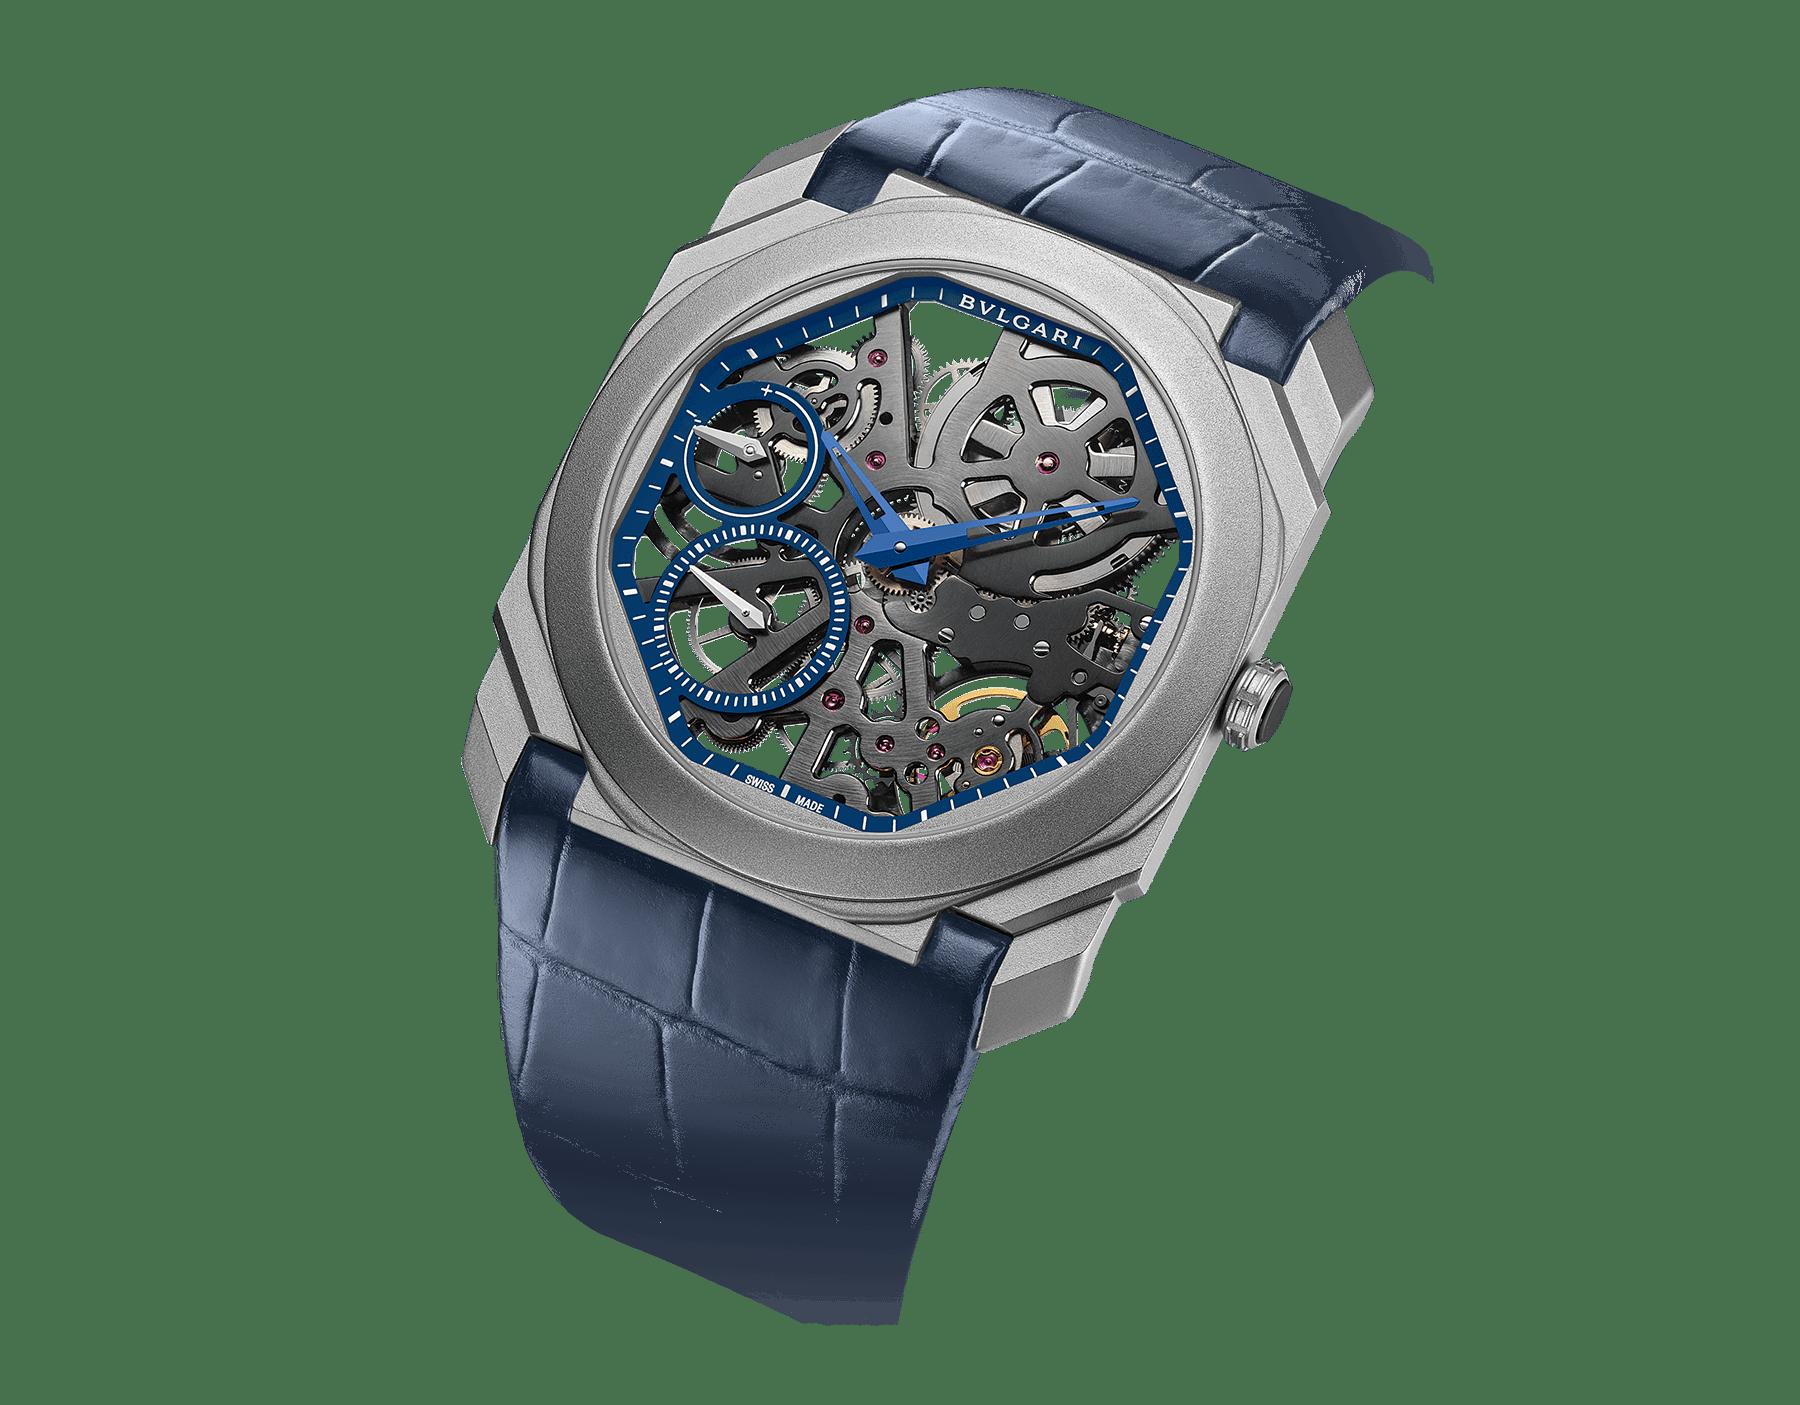 Orologio Octo Finissimo Squelette Limited Edition con movimento meccanico di manifattura ultrapiatto a carica manuale, piccoli secondi (spessore 2,23 mm), indicazione della riserva di carica, cassa in titanio sabbiato, quadrante scheletrato blu, lancette blu e cinturino in alligatore blu. 102941 image 2